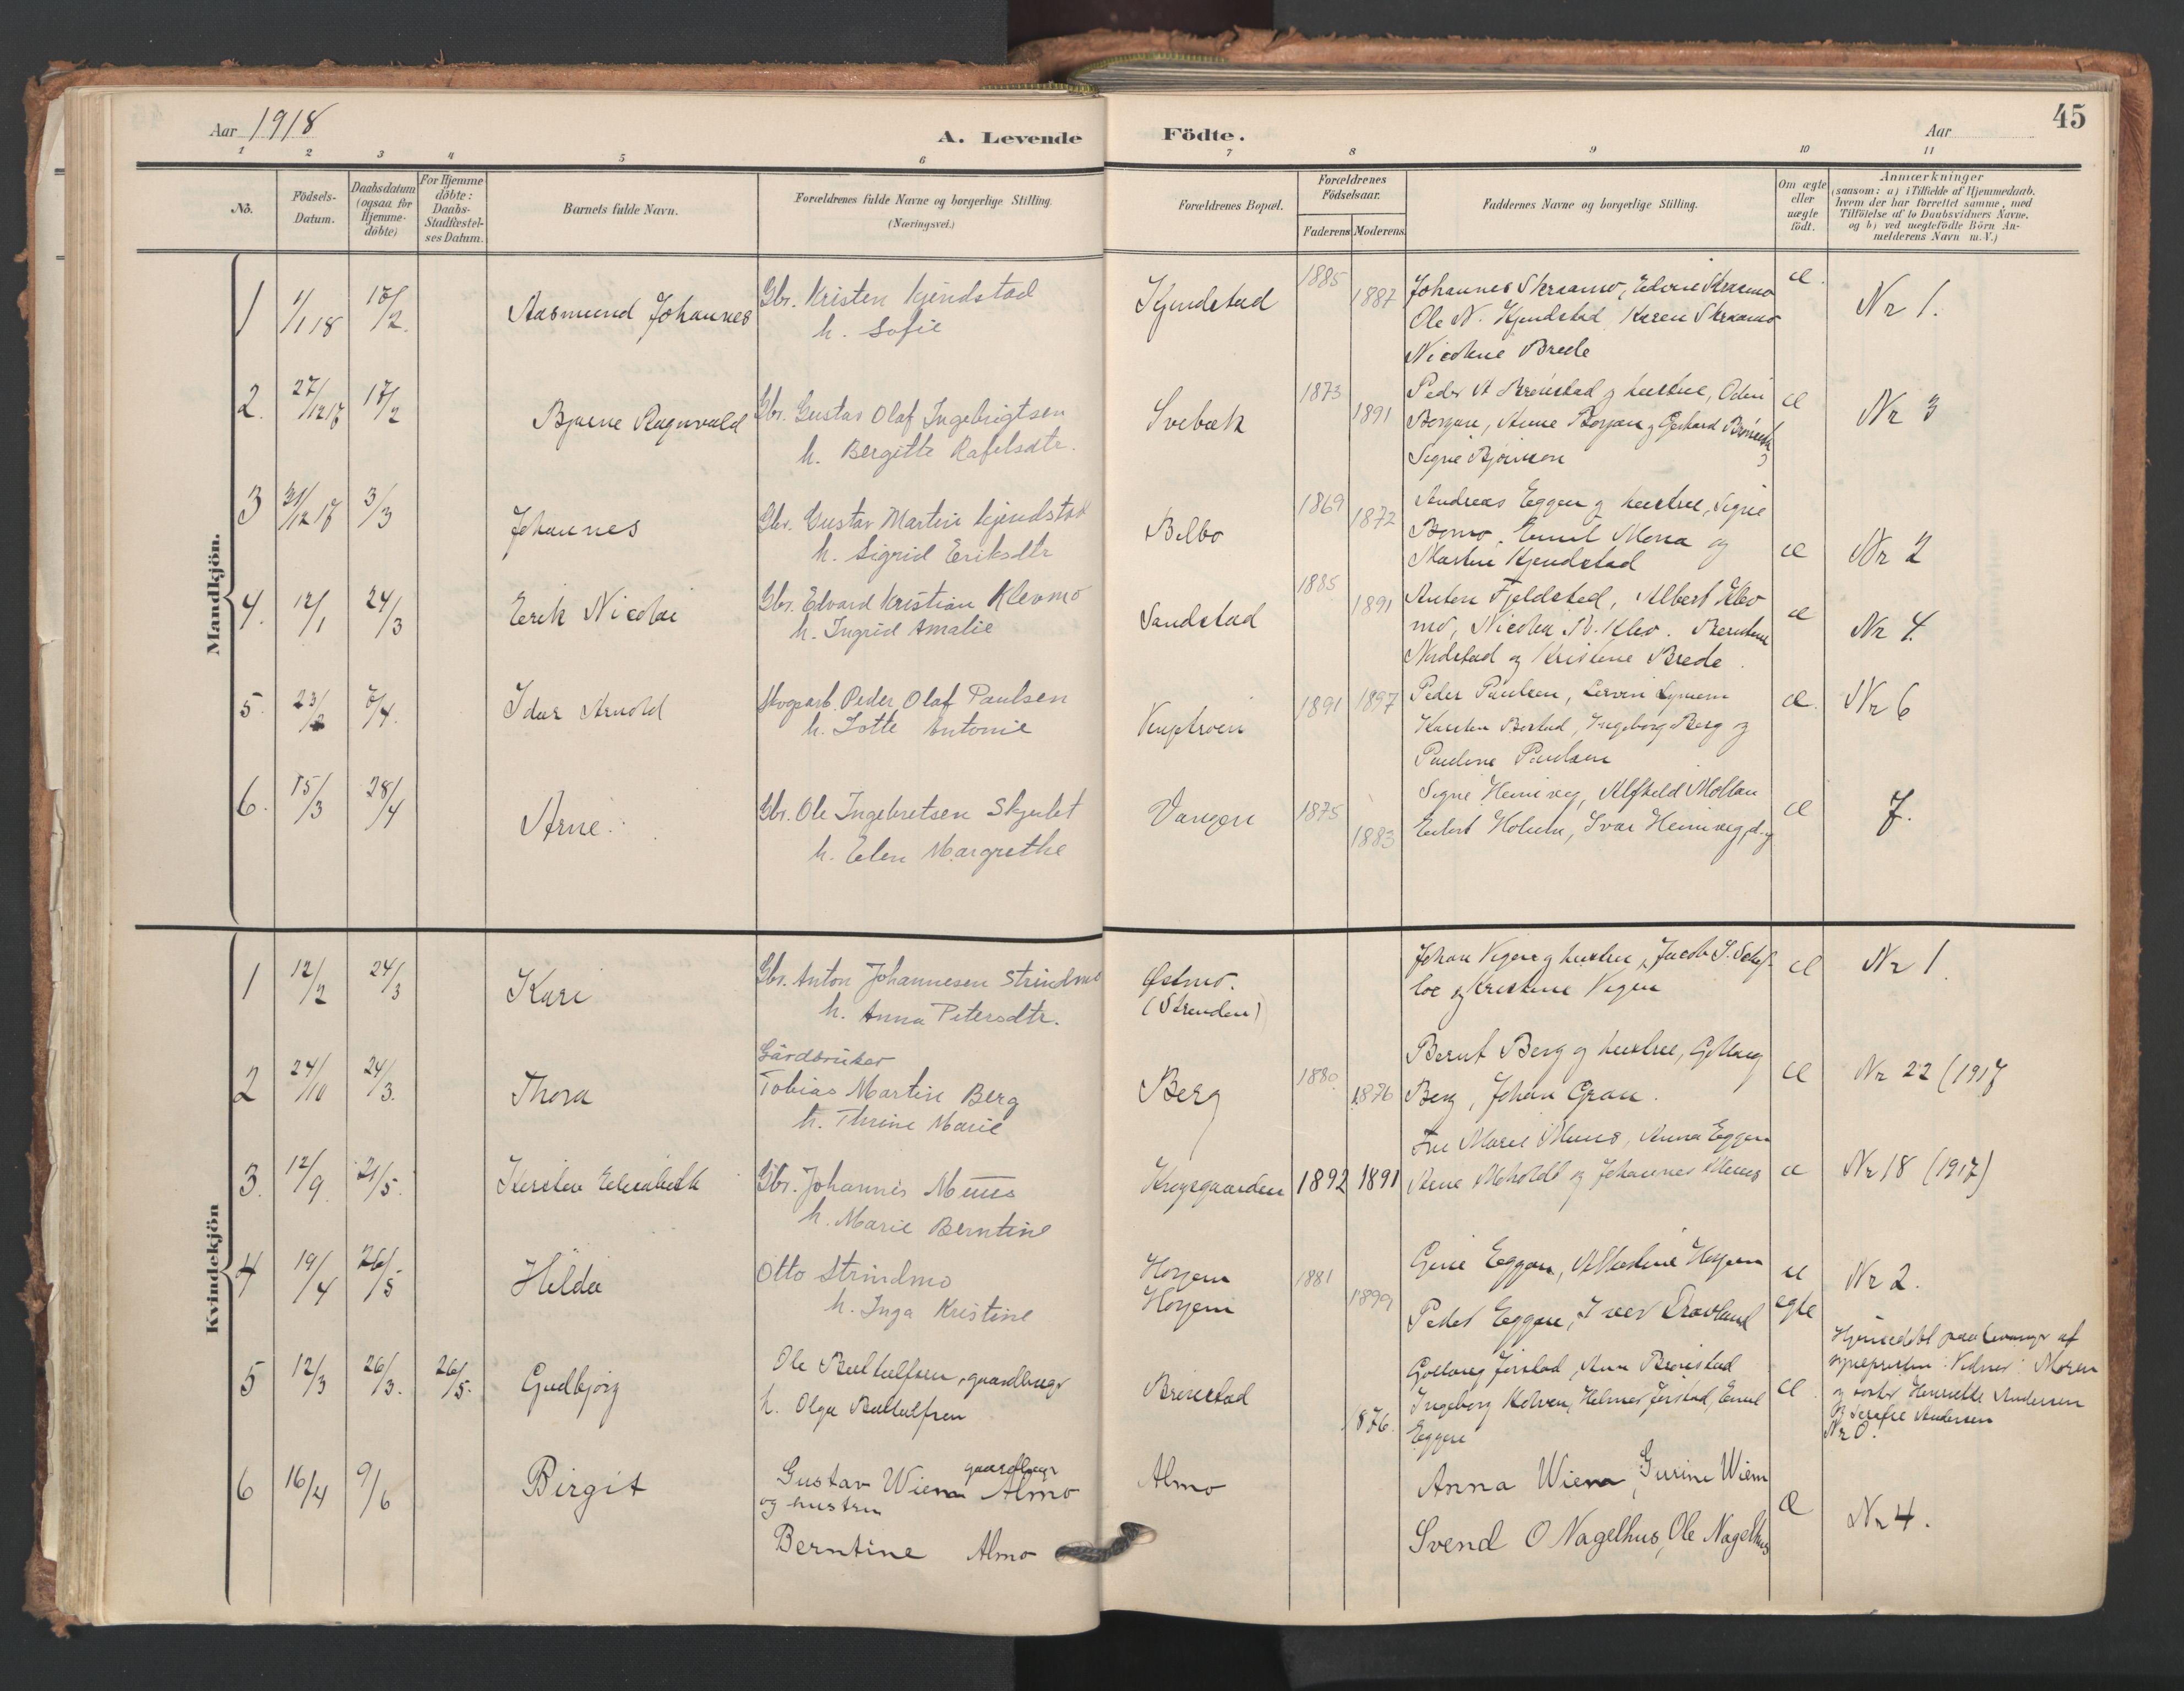 SAT, Ministerialprotokoller, klokkerbøker og fødselsregistre - Nord-Trøndelag, 749/L0477: Ministerialbok nr. 749A11, 1902-1927, s. 45